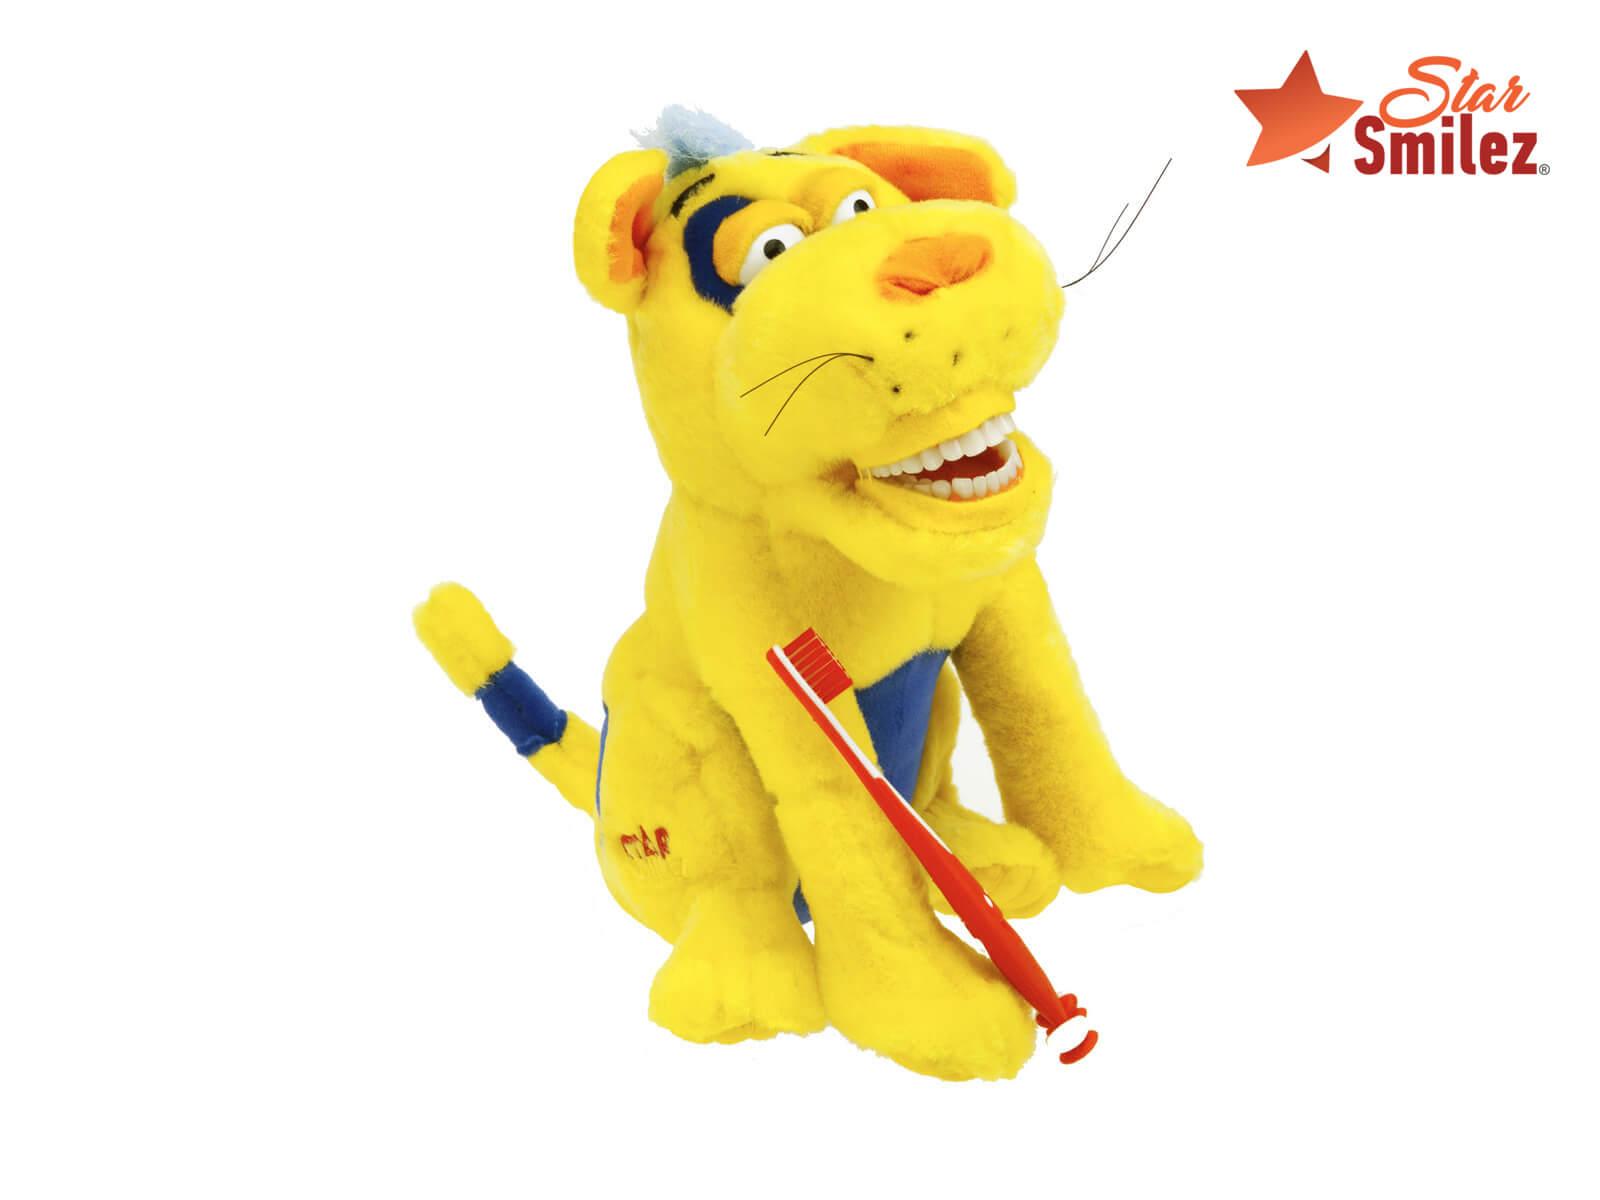 Lil Ollie Mutt Dental Puppet